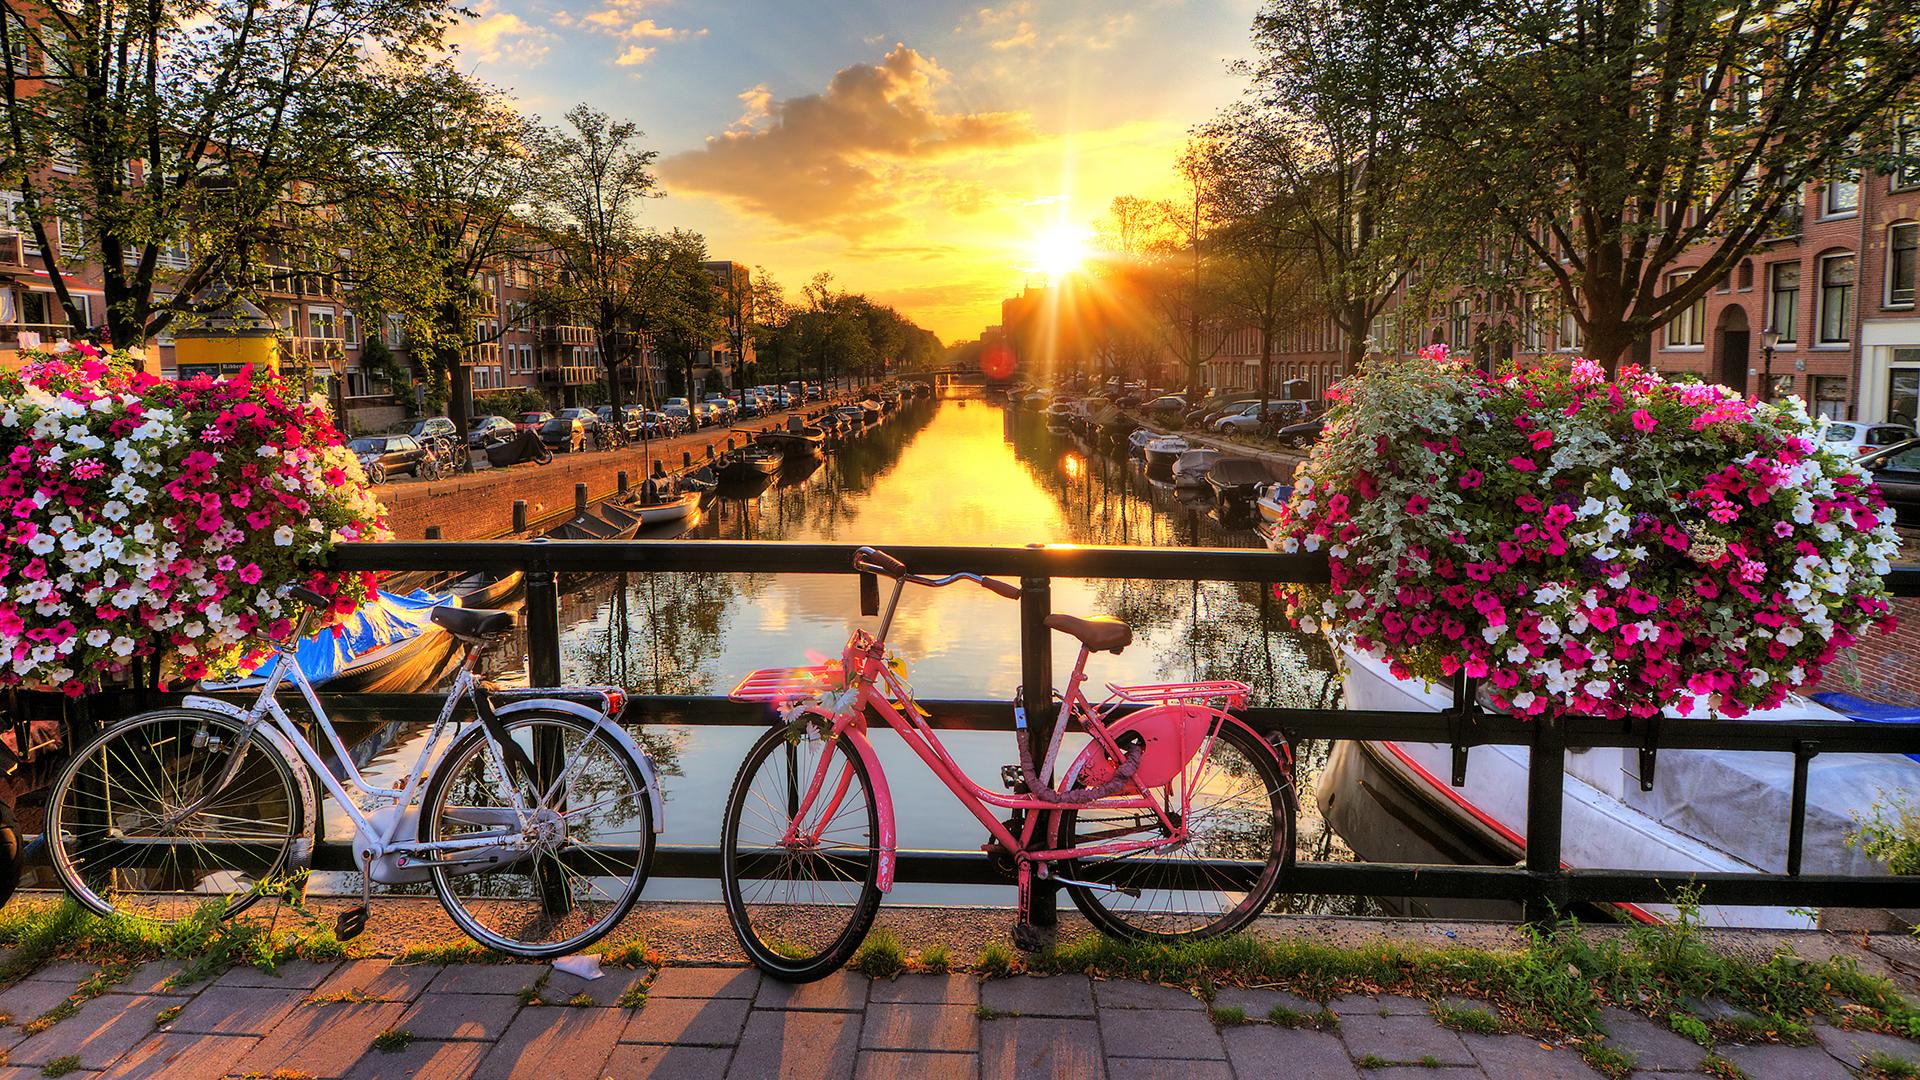 Άμστερνταμ | Ταξιδέψτε στη Benelux αεροπορικώς | Αεροπορική εκδρομή με το Prima Holidays